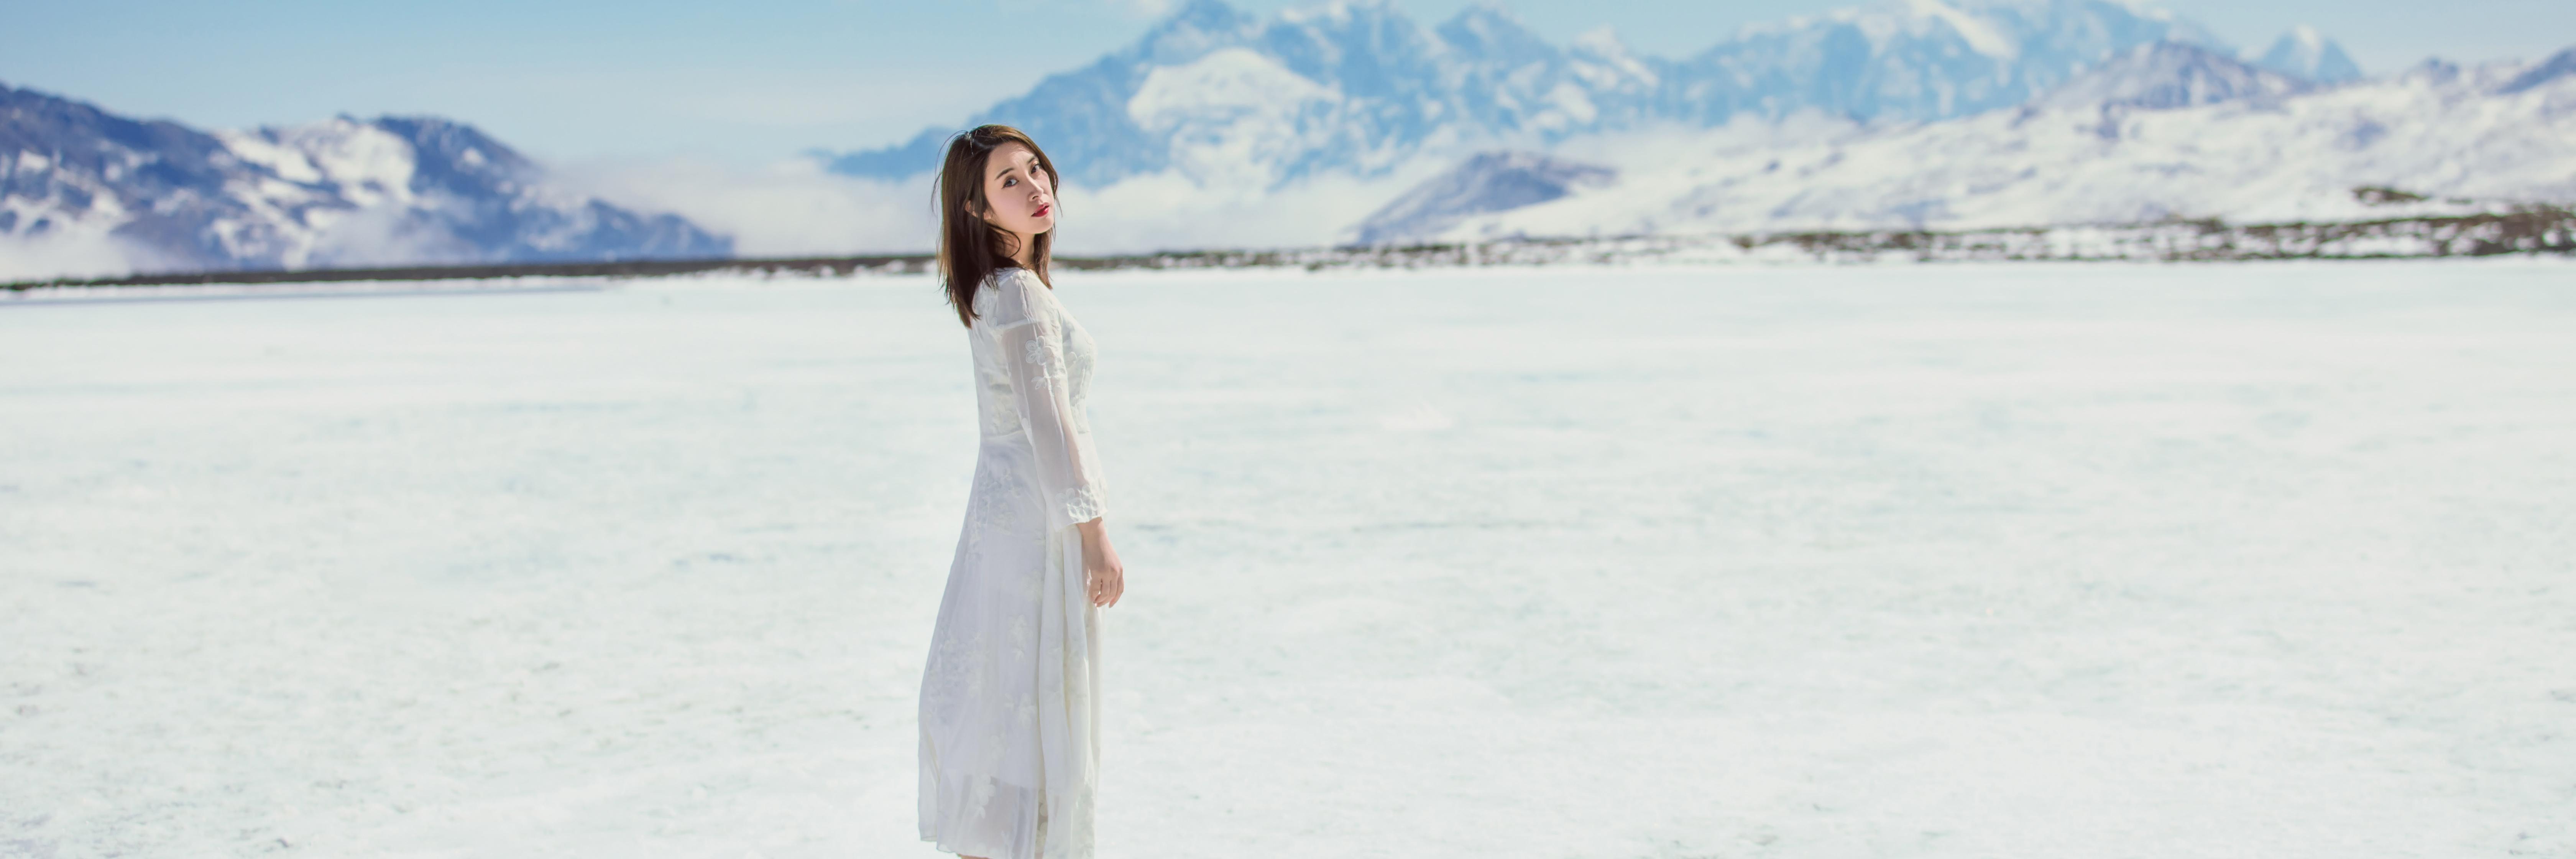 【带着大嫂去旅行第十集】甘孜康定两日游,冰雪温泉两重天。